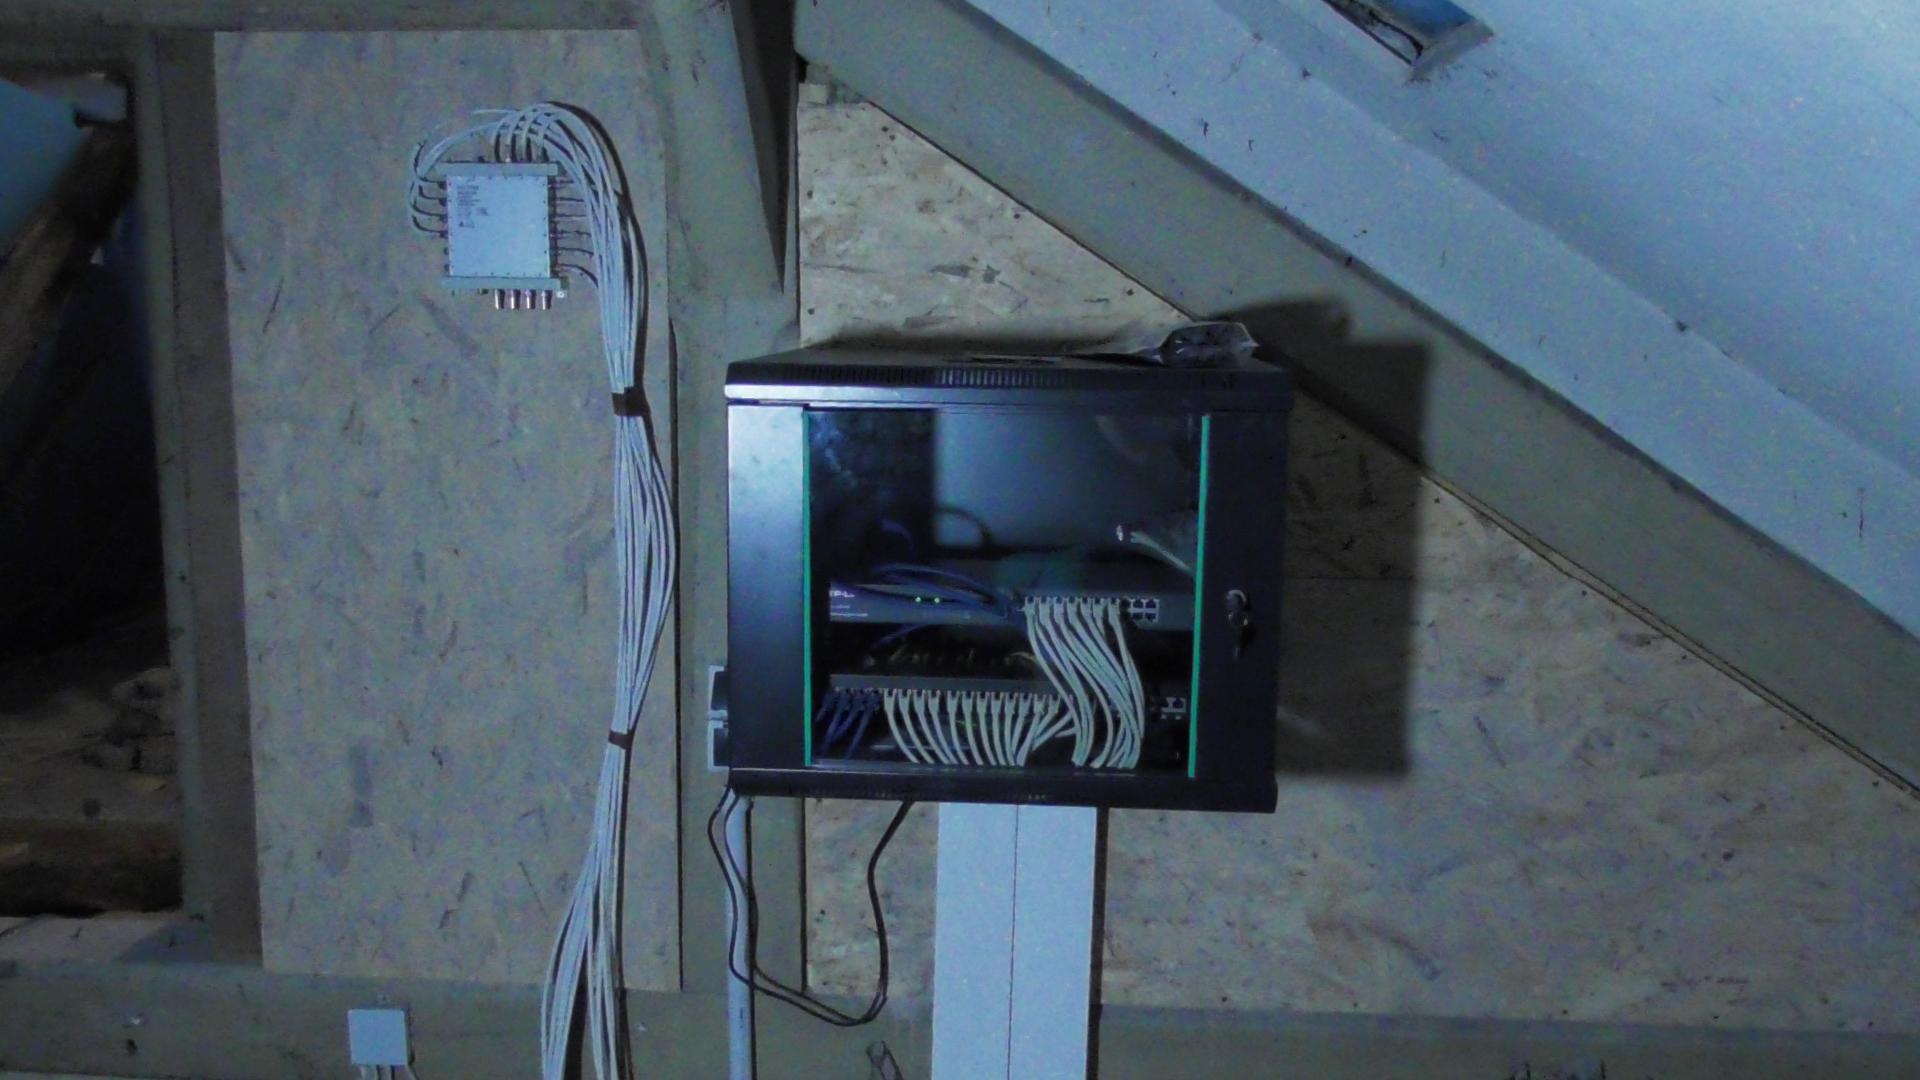 Netzwerkverkabelung im haus tipps und tricks beim netzwerk for Haus einrichten tipps